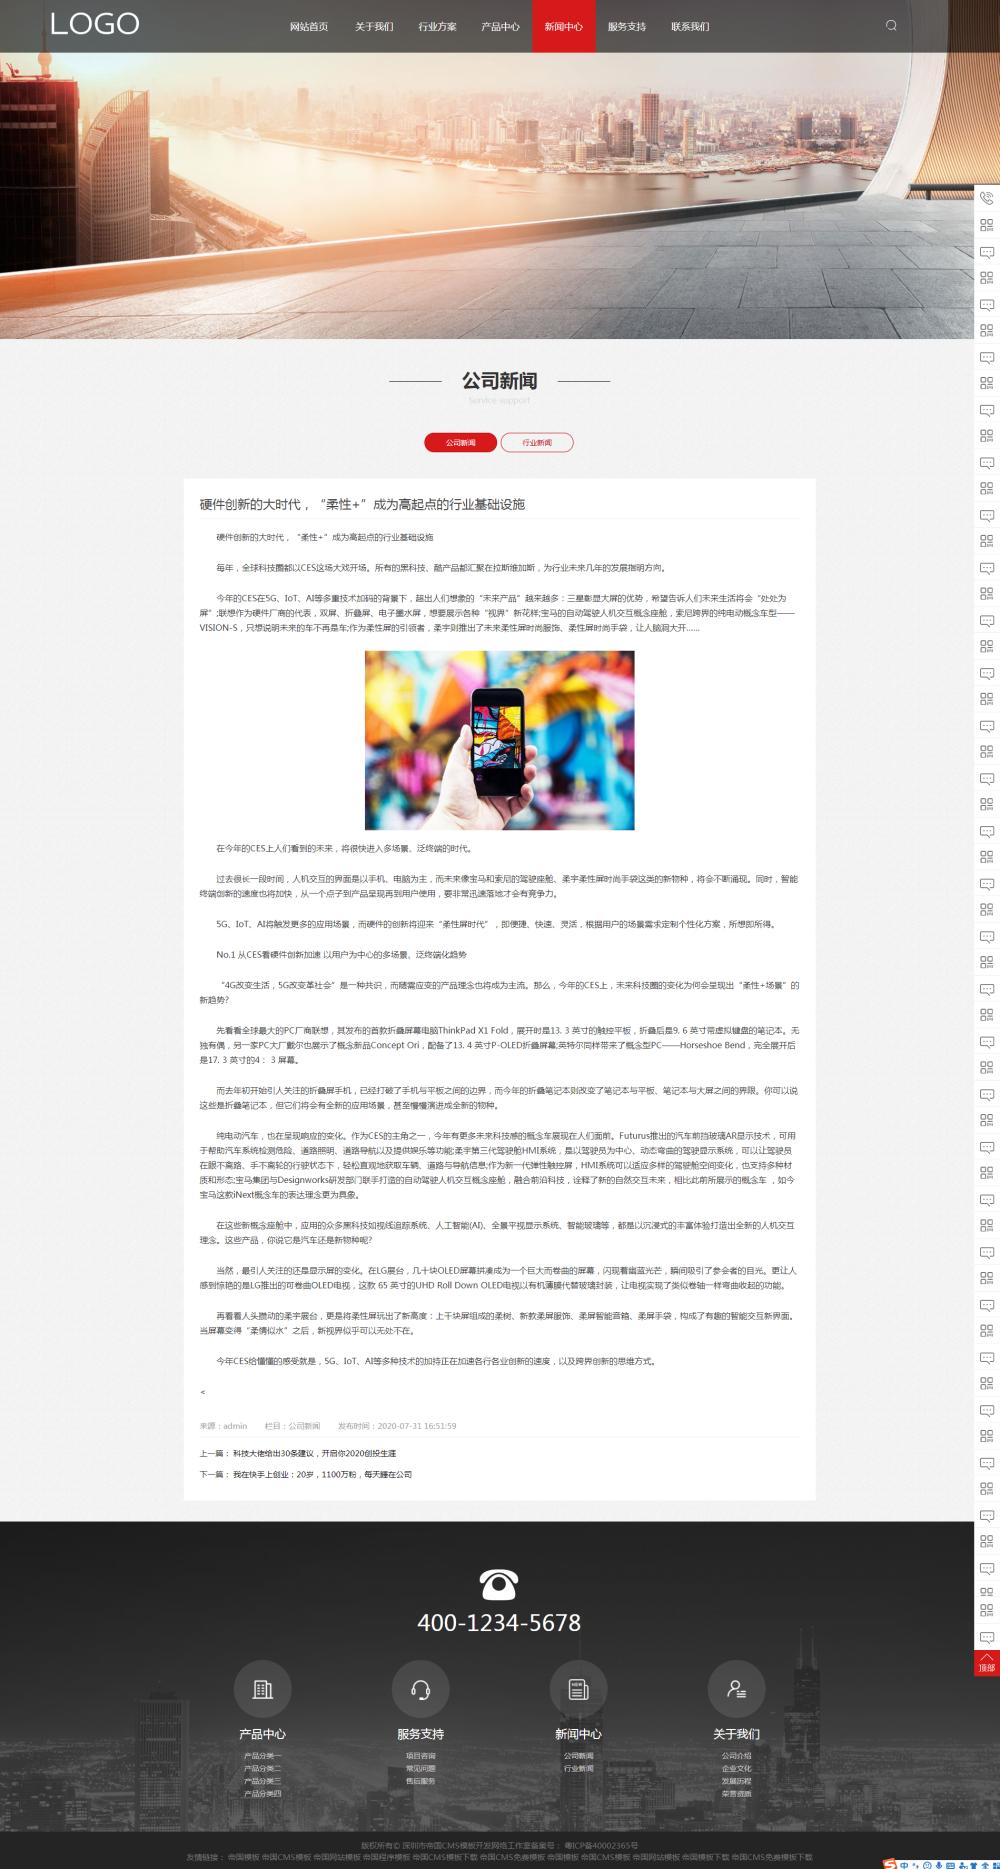 9新闻内容页.png [DG-0137]帝国CMS响应式建站设计类帝国cms模板,高端自适应网络公司帝国网站源码 企业模板 第9张